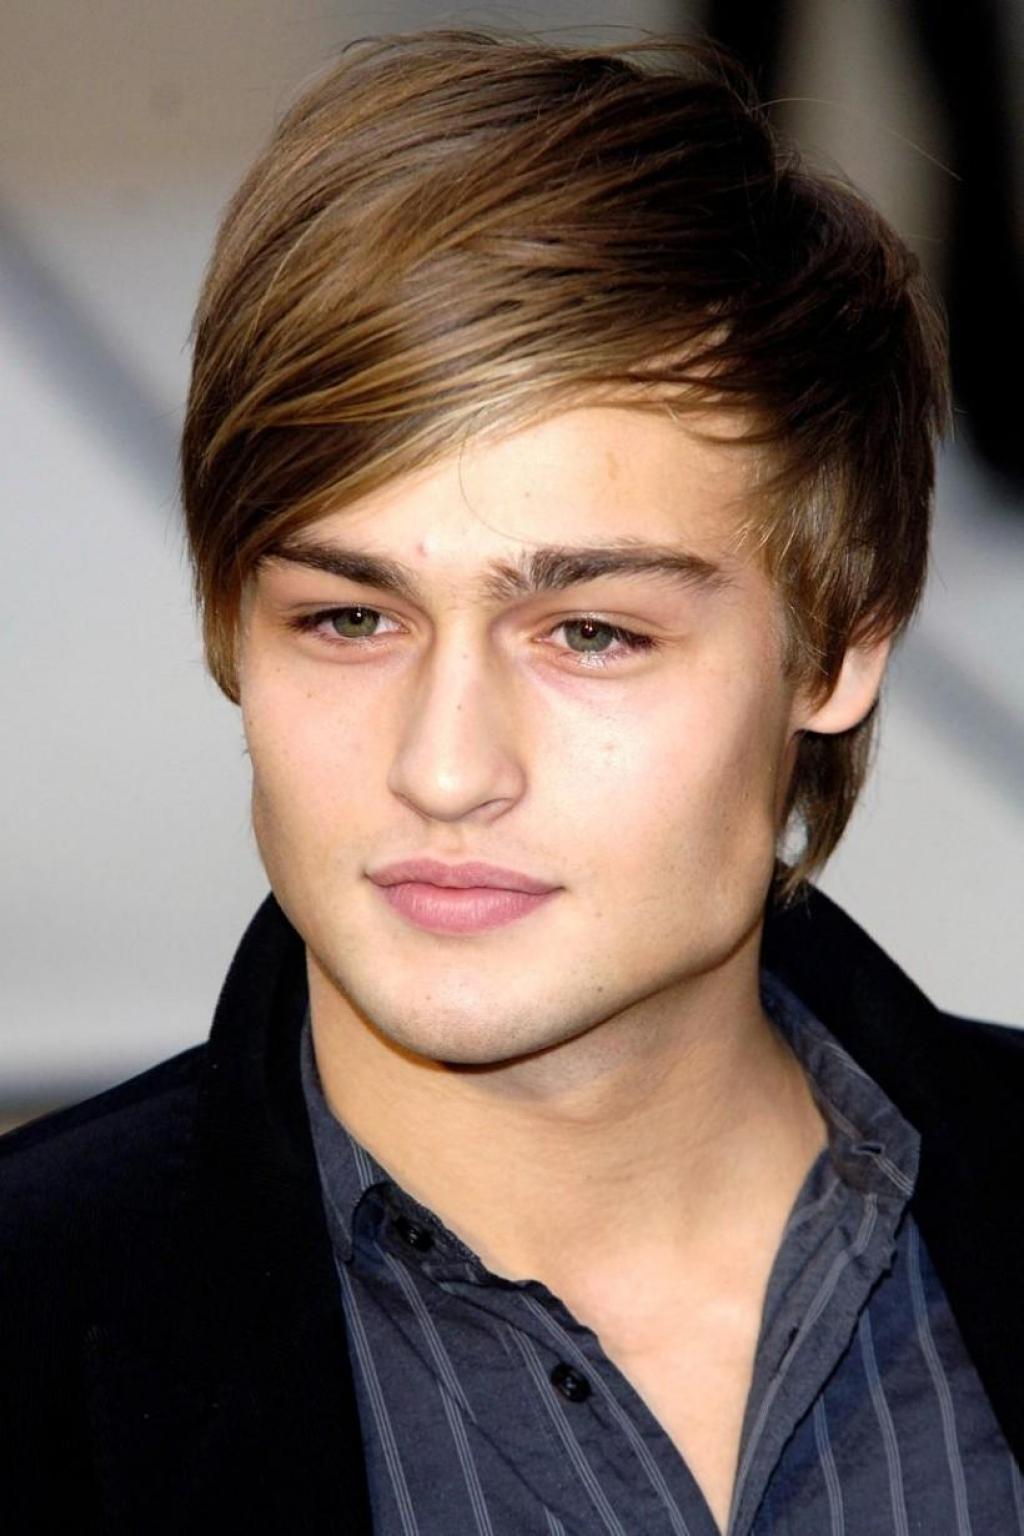 Причёски на длинные волосы с чёлкой фото для мальчиков